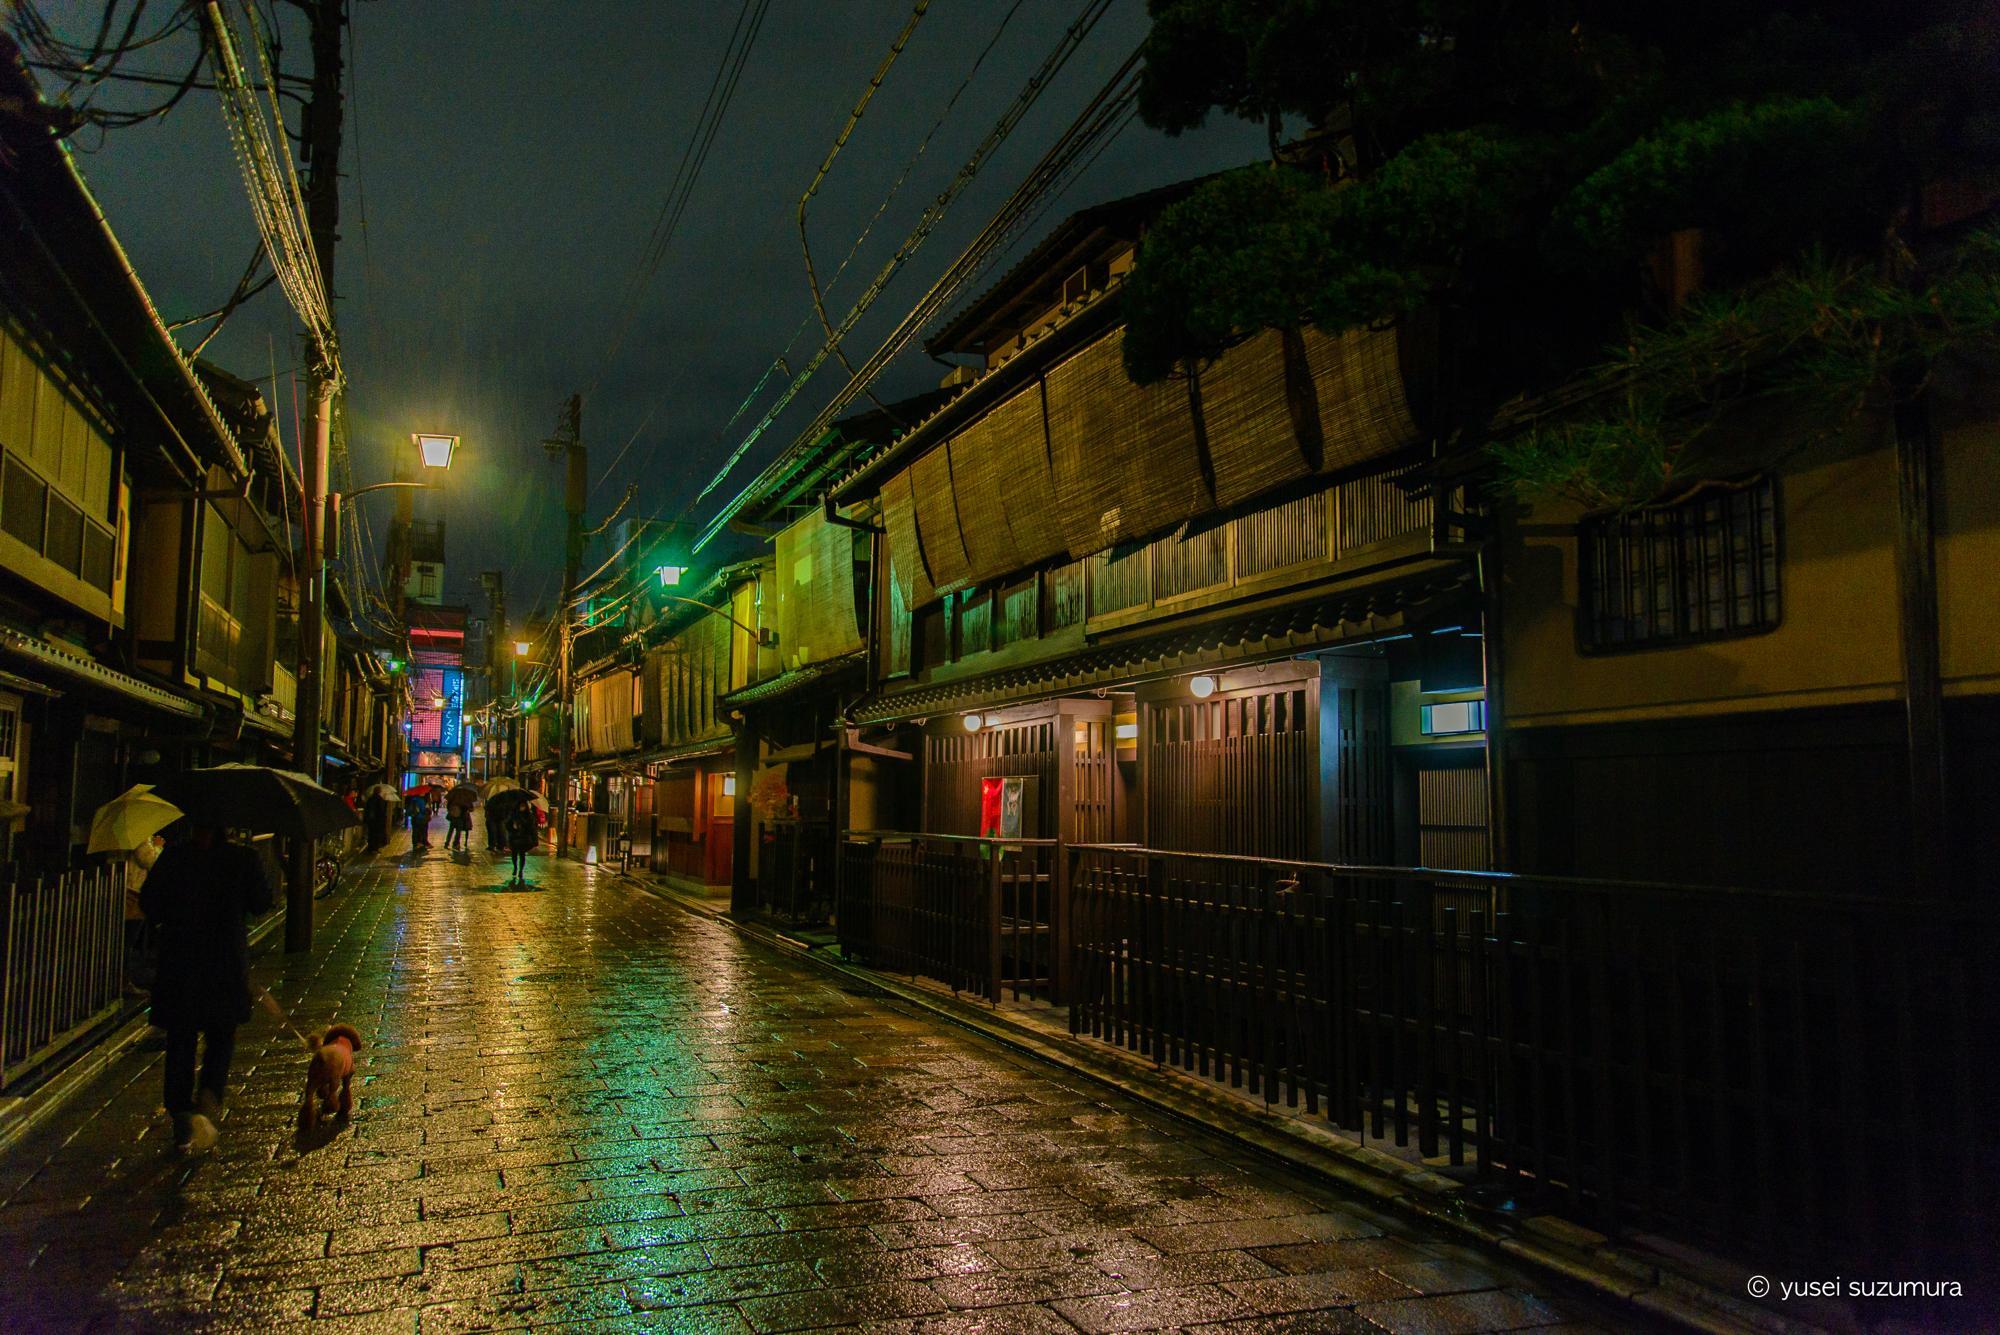 祇園 雨 通り